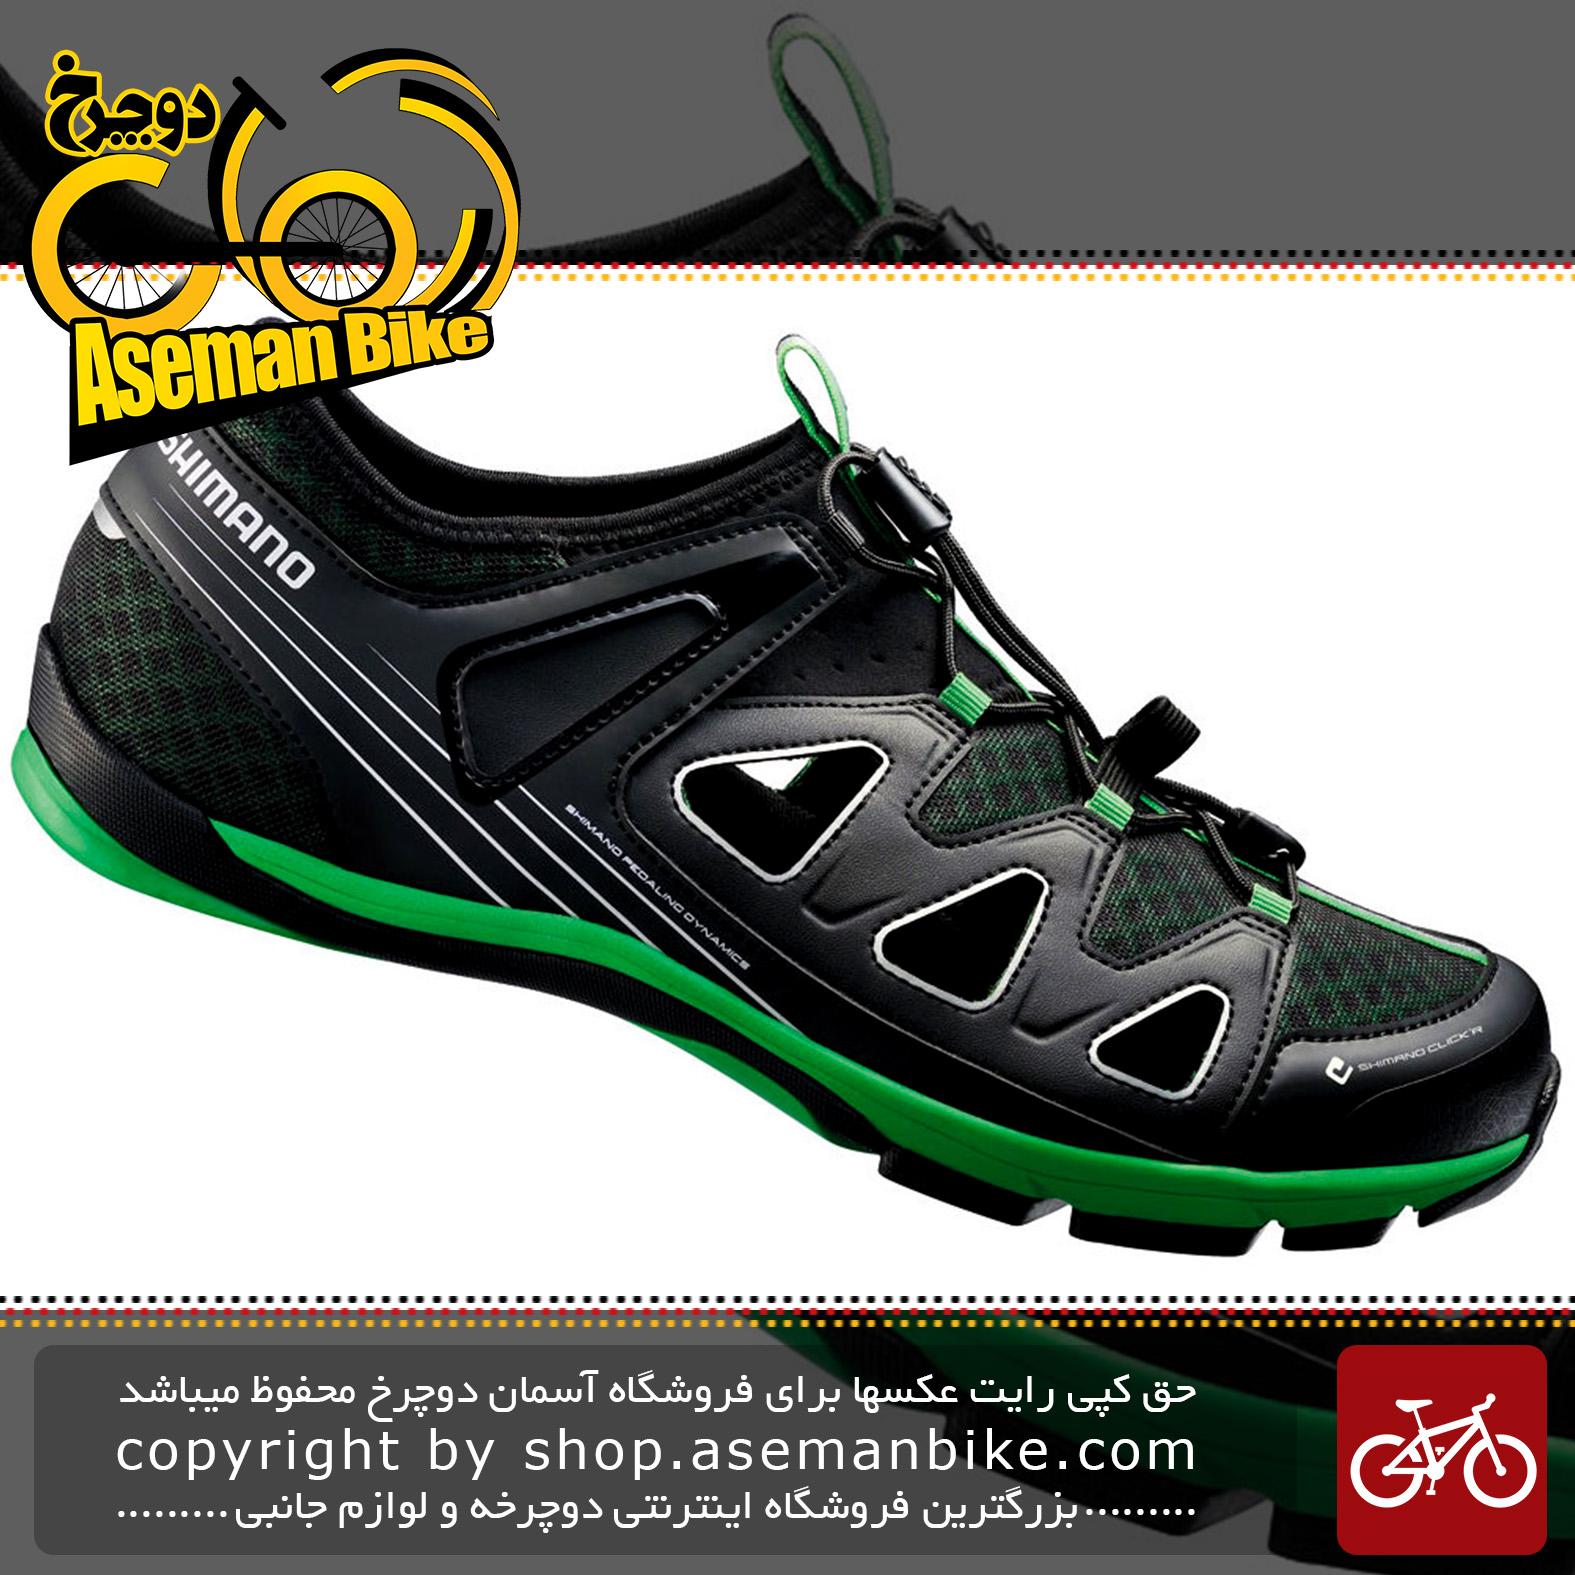 کفش دوچرخه شیمانو شهری تابستون مدل سی تی 46 مشکی Shimano Bicycle Lock Shoes Ct46 City